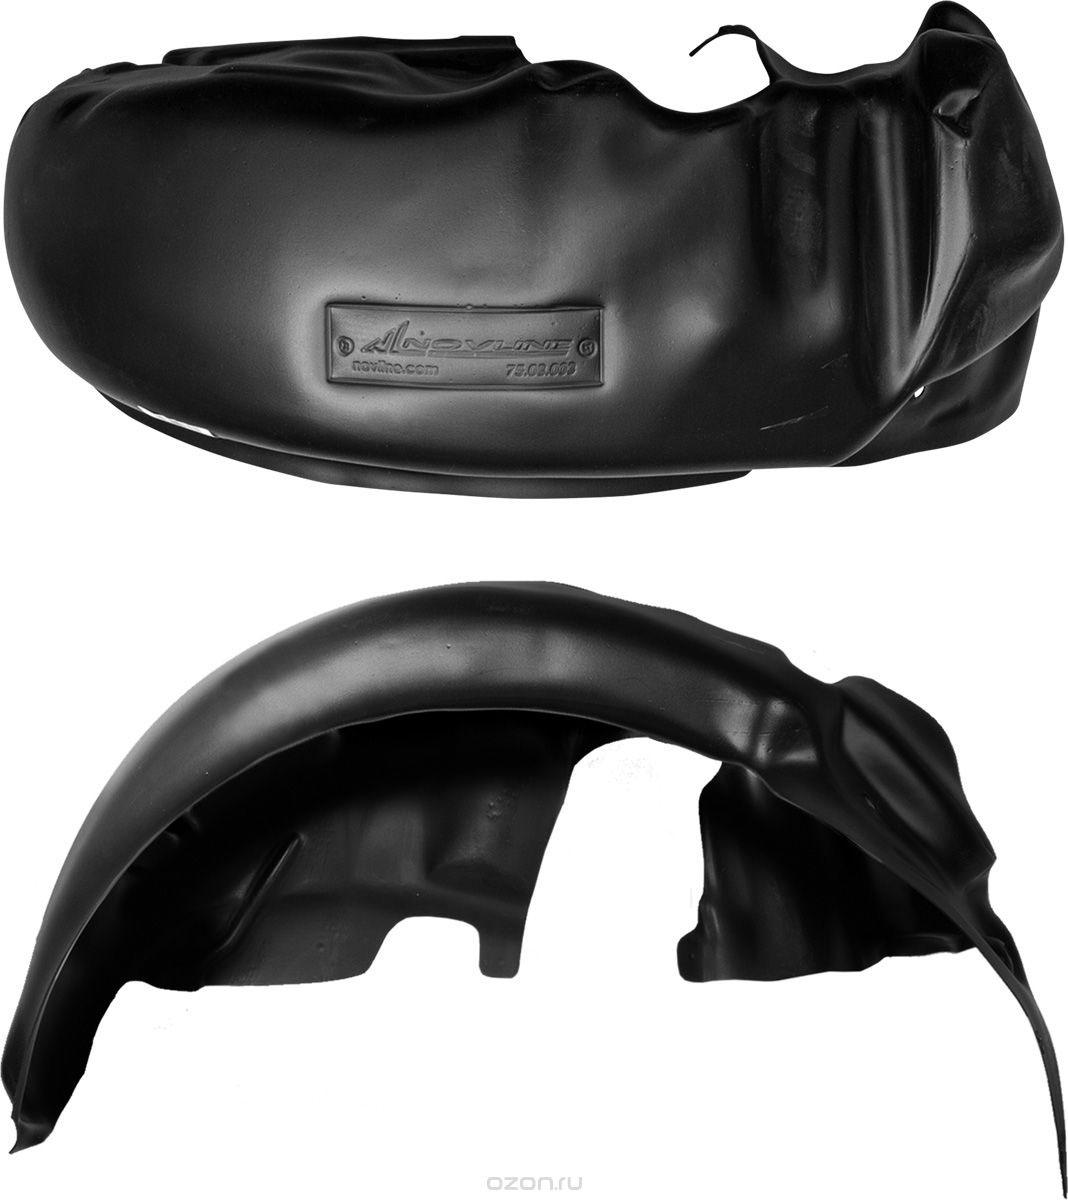 Подкрылок Novline-Autofamily, для FIAT FullBack, 2016->, передний левыйSVC-300Идеальная защита колесной ниши. Локеры разработаны с применением цифровых технологий, гарантируют максимальную повторяемость поверхности арки. Изделия устанавливаются без нарушения лакокрасочного покрытия автомобиля, каждый подкрылок комплектуется крепежом. Уважаемые клиенты, обращаем ваше внимание, что фотографии на подкрылки универсальные и не отражают реальную форму изделия. При этом само изделие идет точно под размер указанного автомобиля.